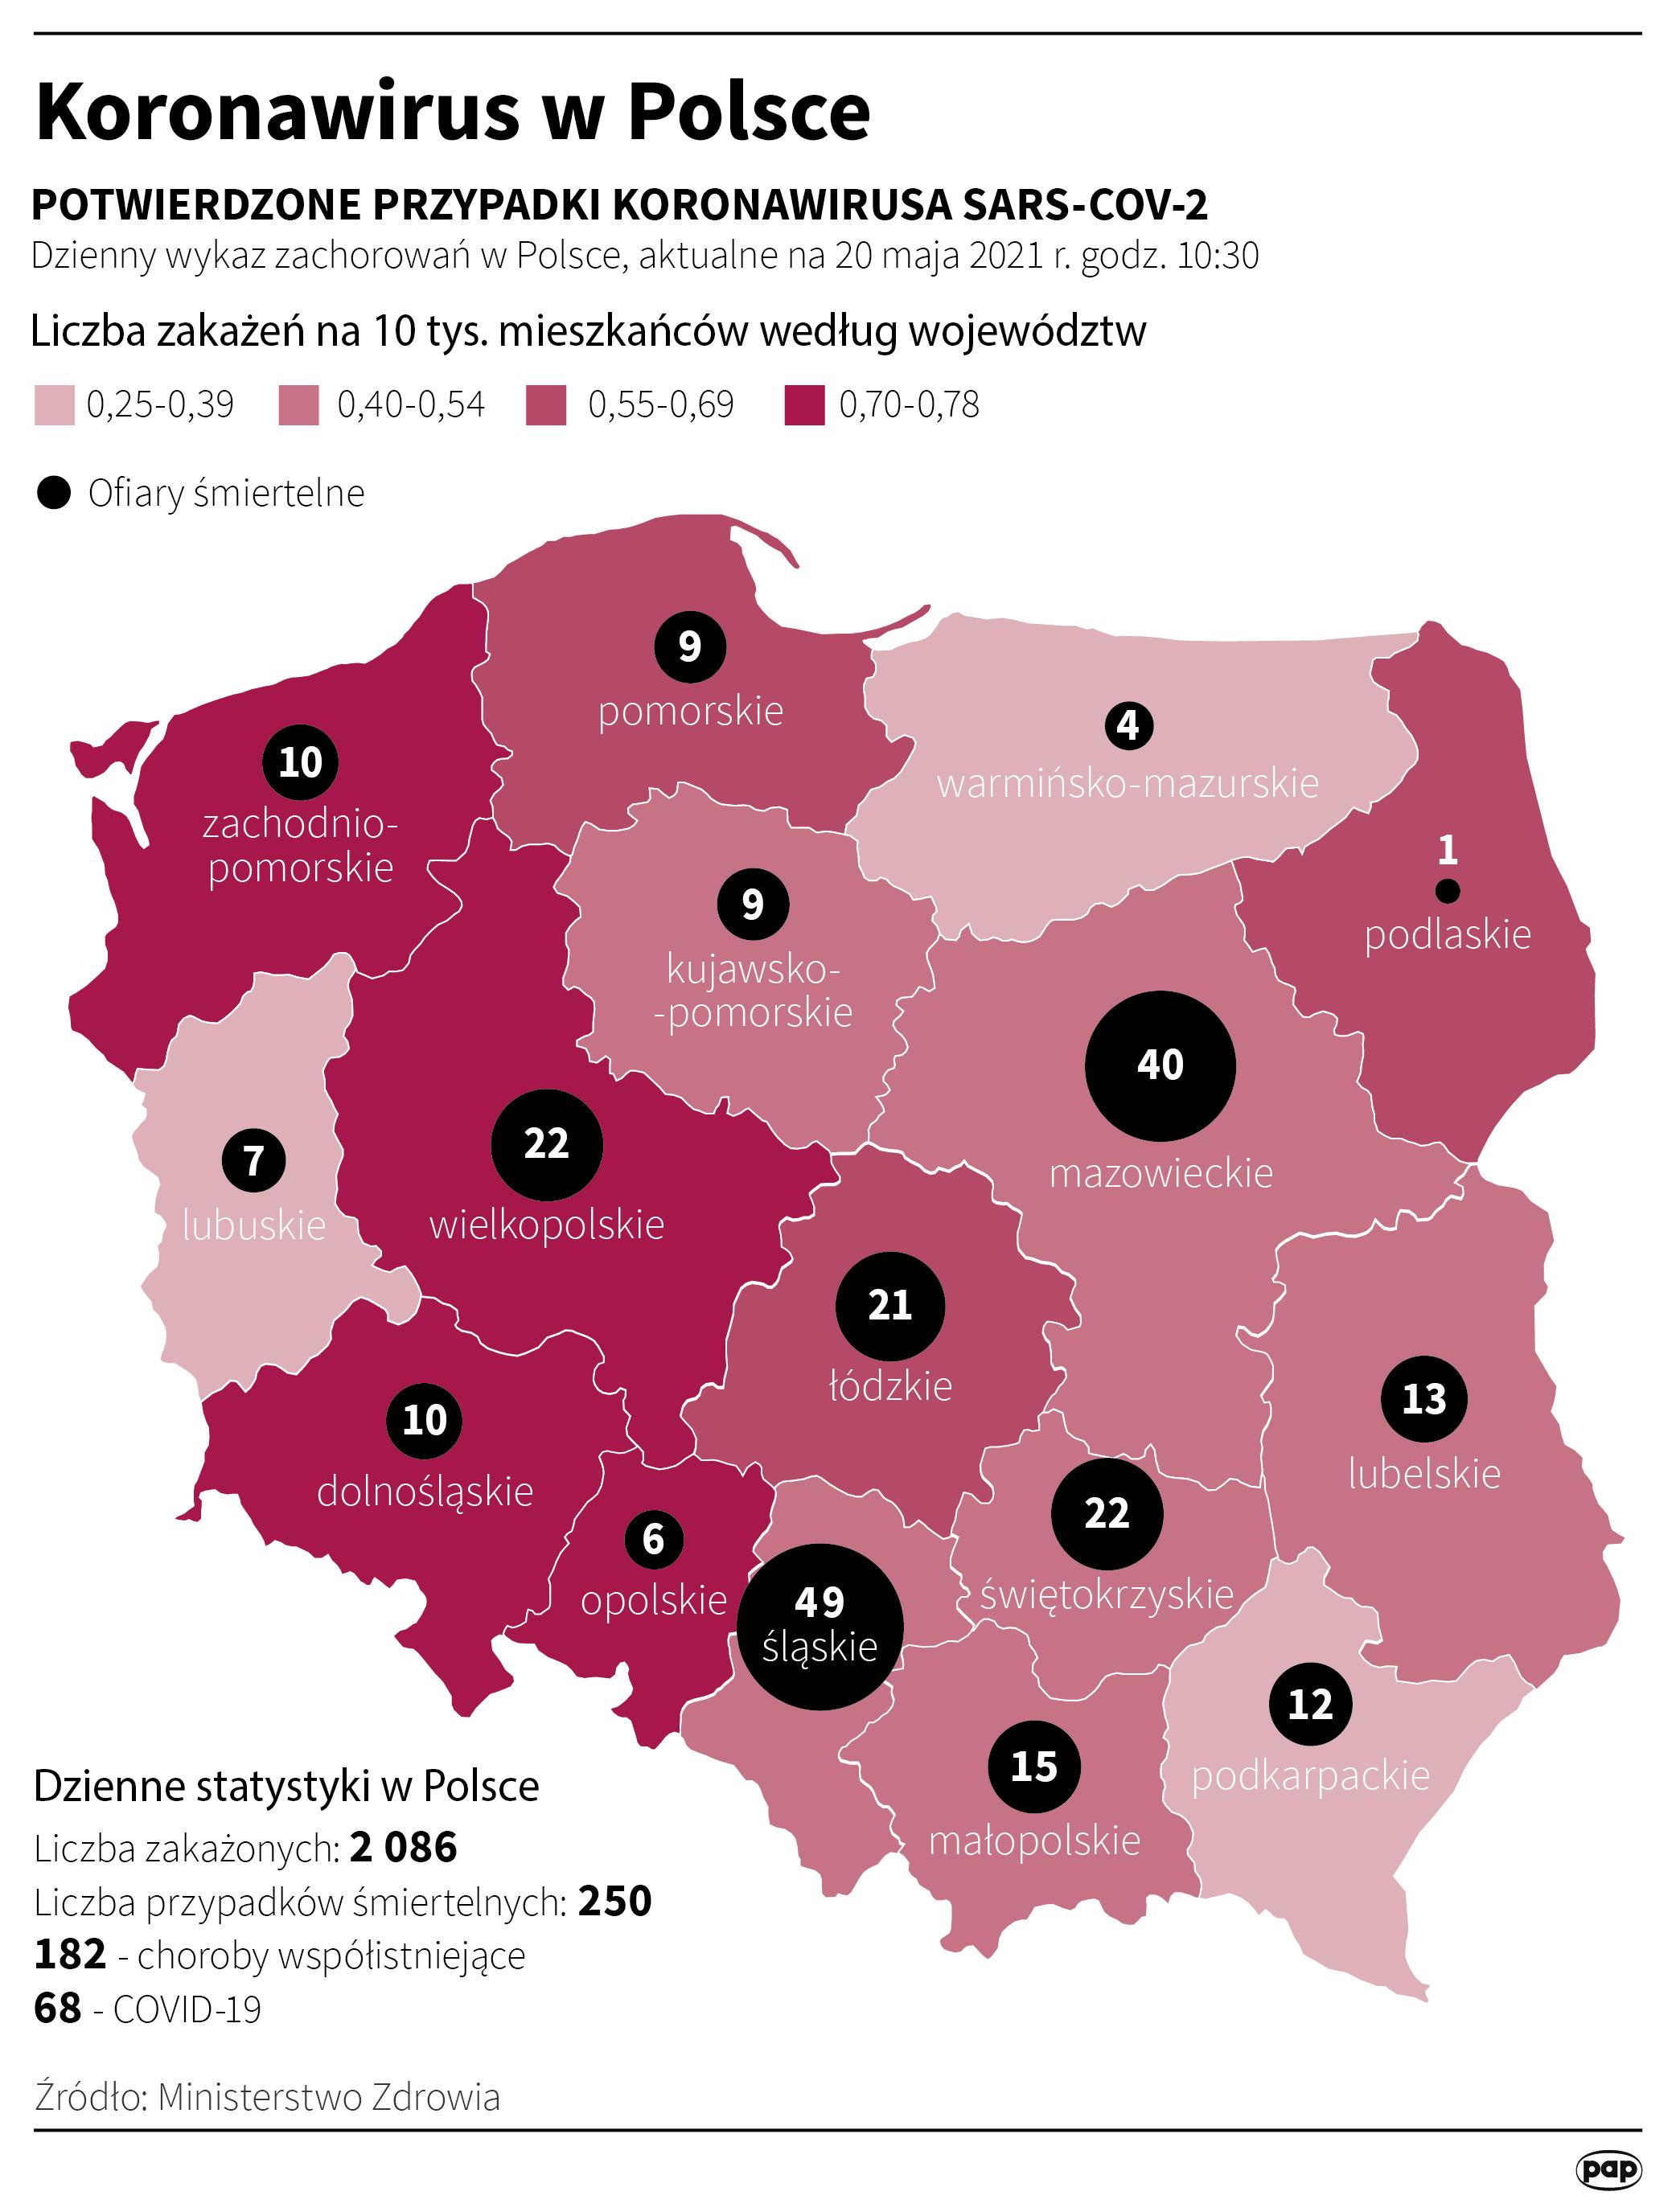 Koronawirus w Polsce - stan na 20 maja [fot. Maciej Zieliński/PAP]